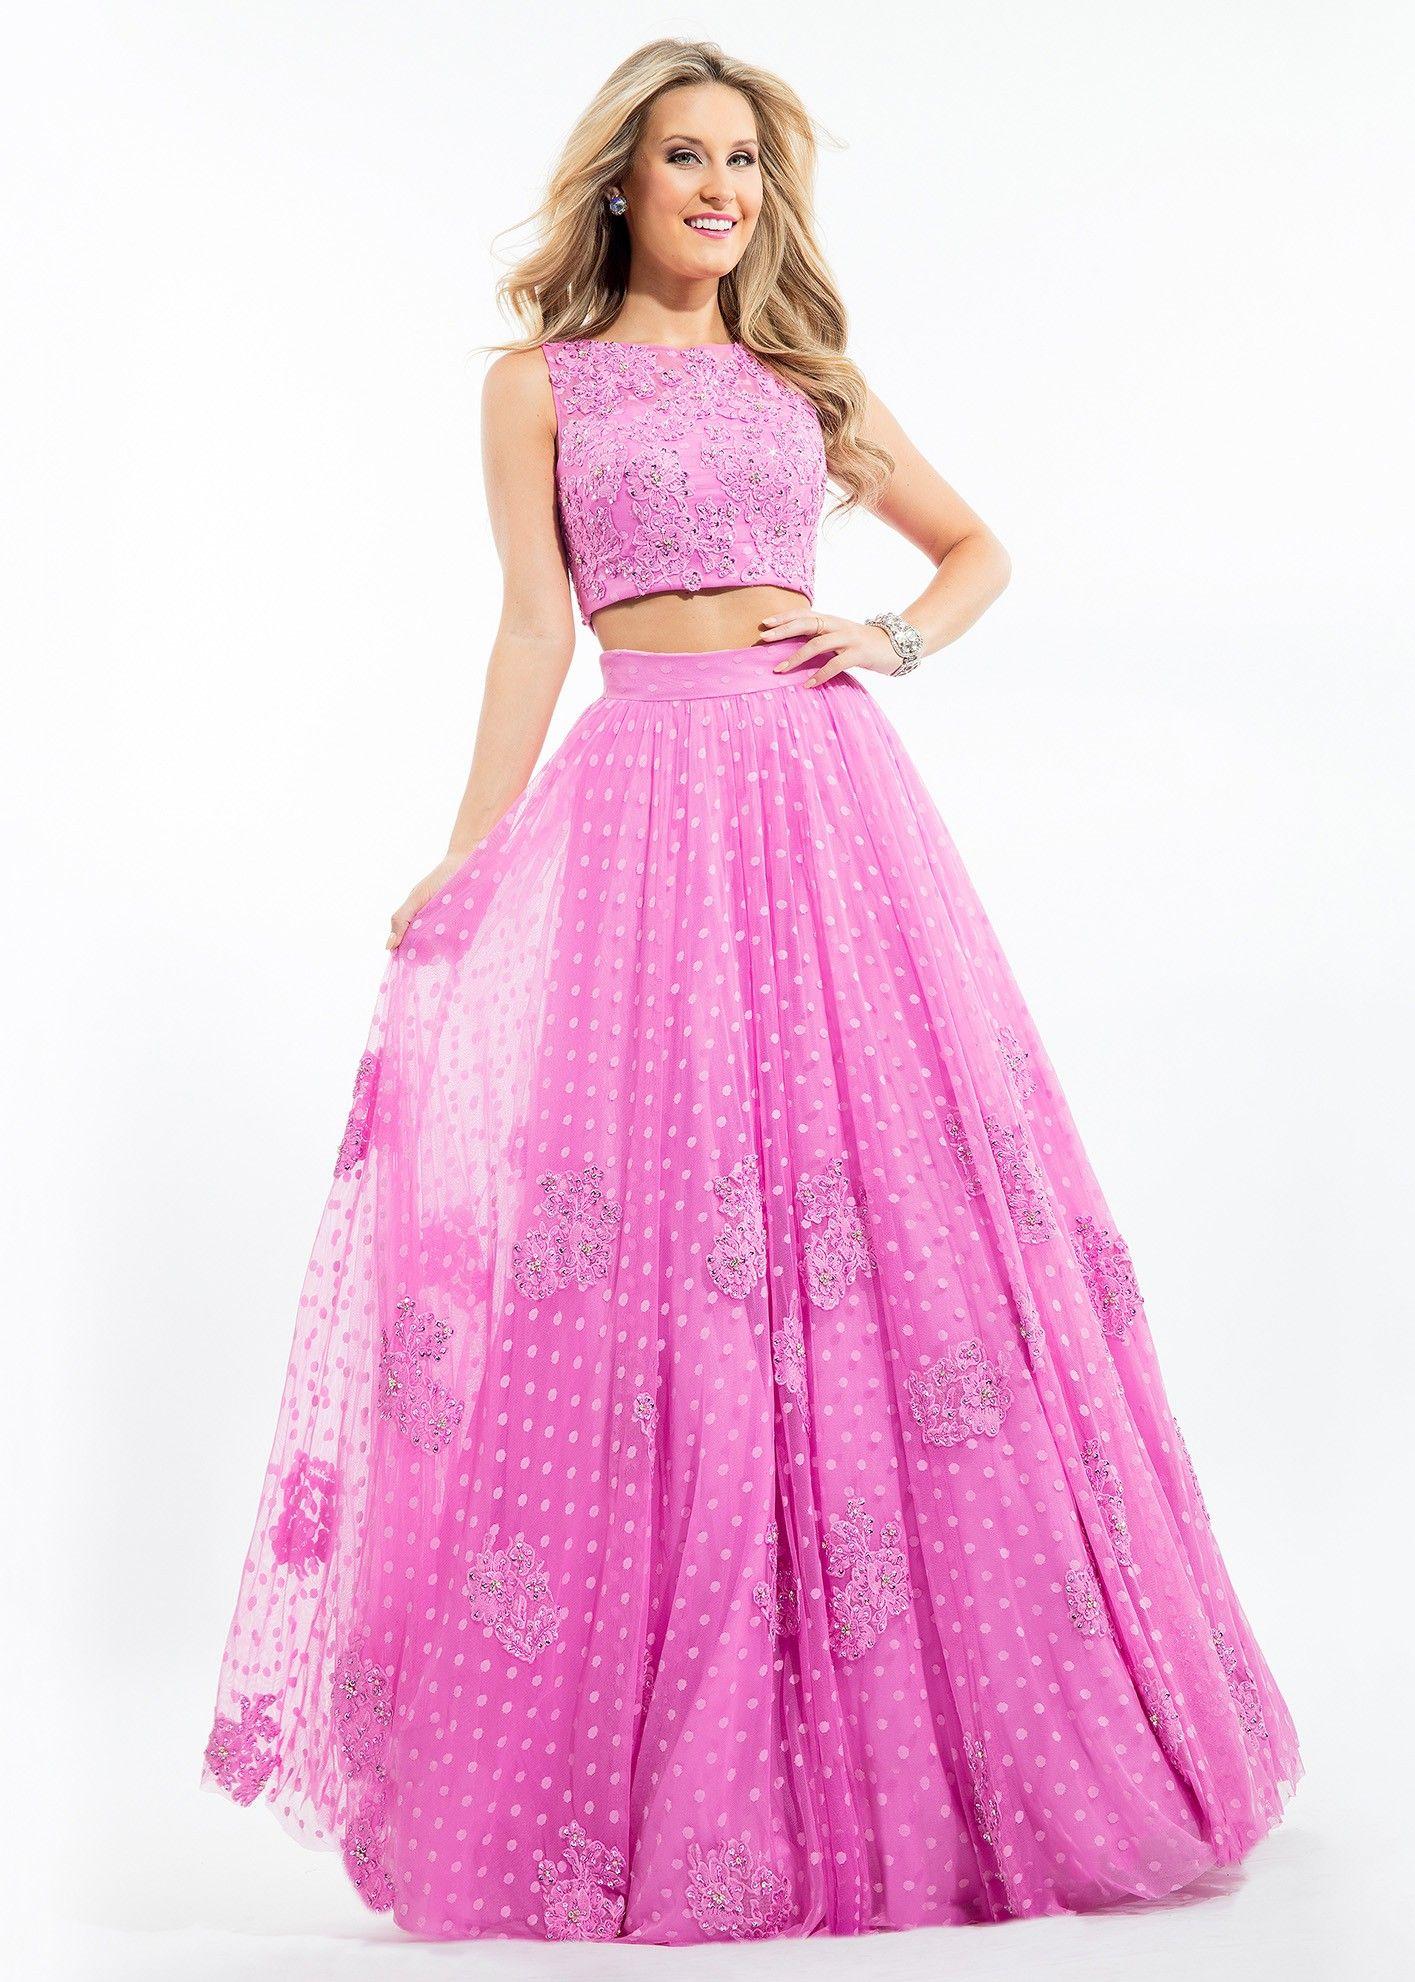 Rachel Allan 7113 Lace Polka Dot 2 Pc Ball Gown Piece Prom Dress Prom Lace Rachel Allan Prom Dresses [ 1982 x 1415 Pixel ]